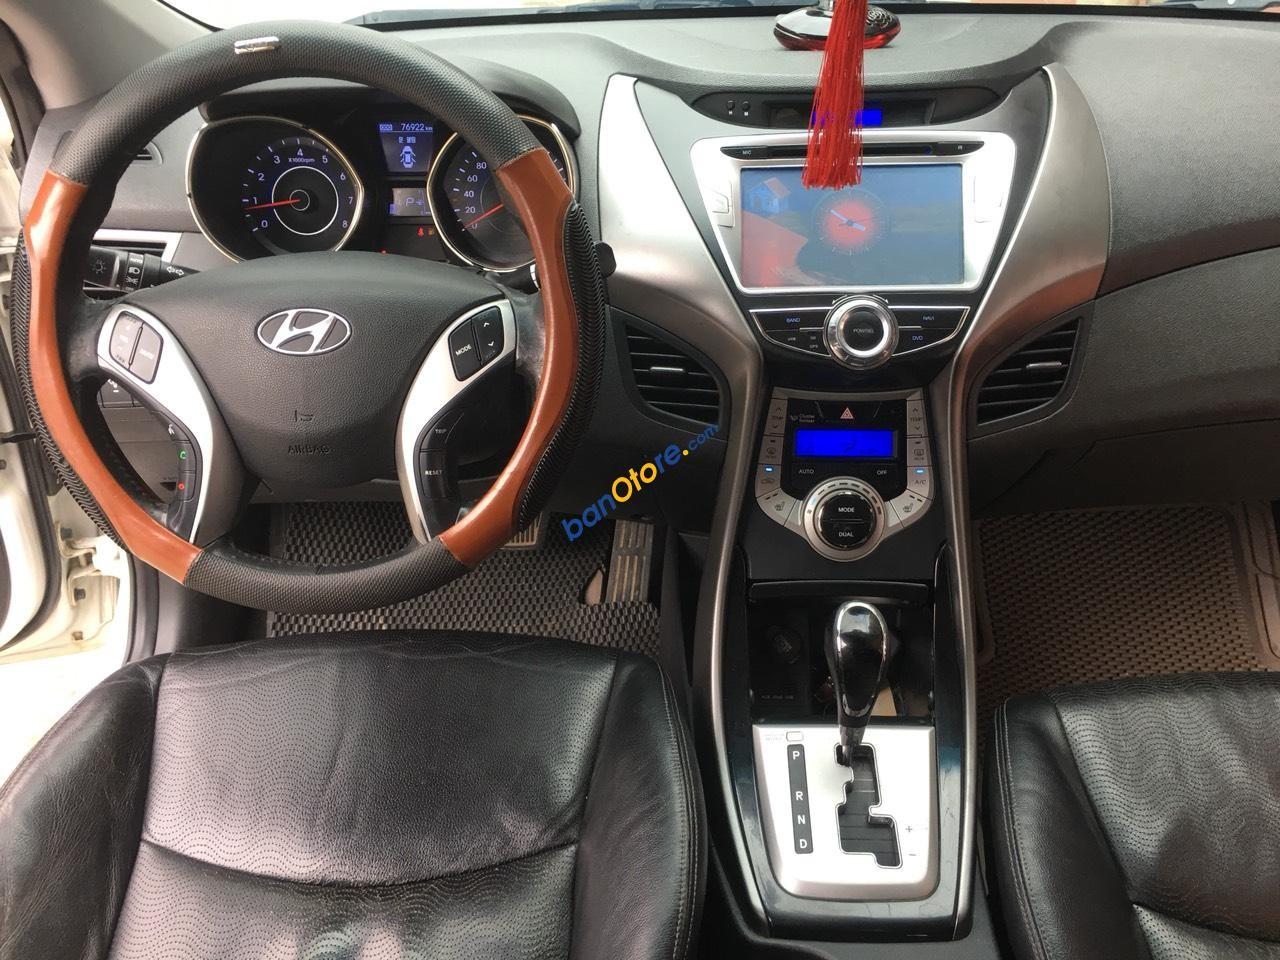 Bán ô tô Hyundai Avante năm 2010, màu trắng, xe nhập, giá tốt